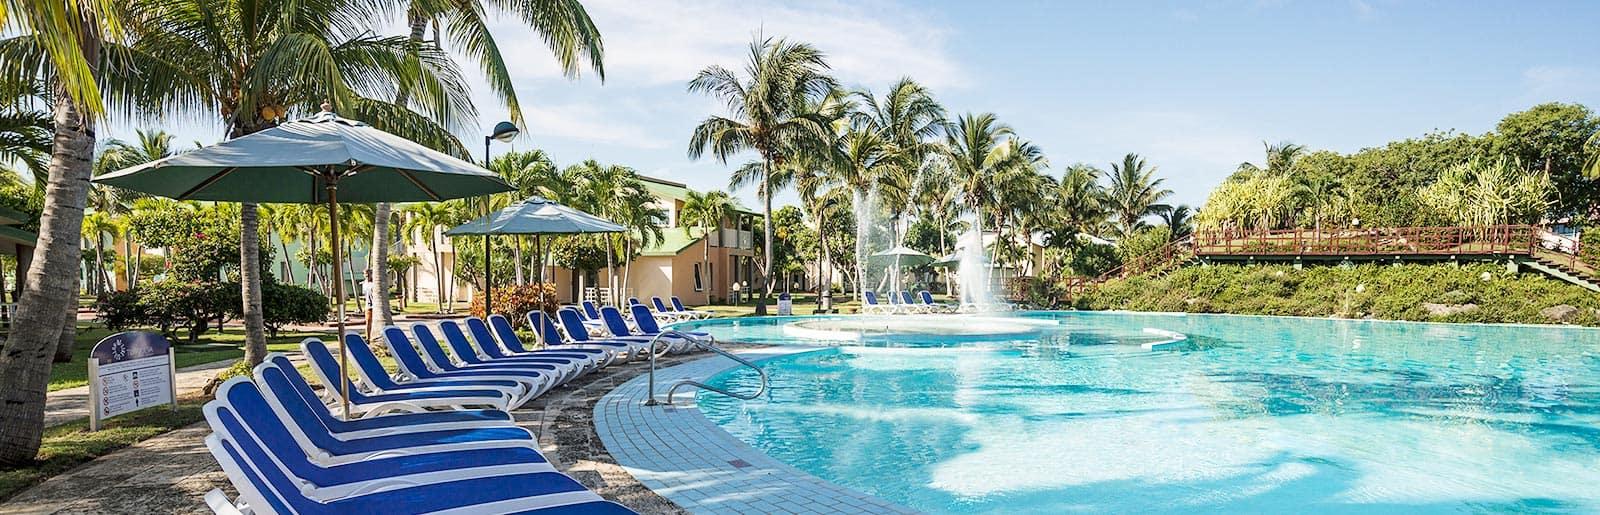 Meilleur Hotel  Etoiles Republique Dominicaine